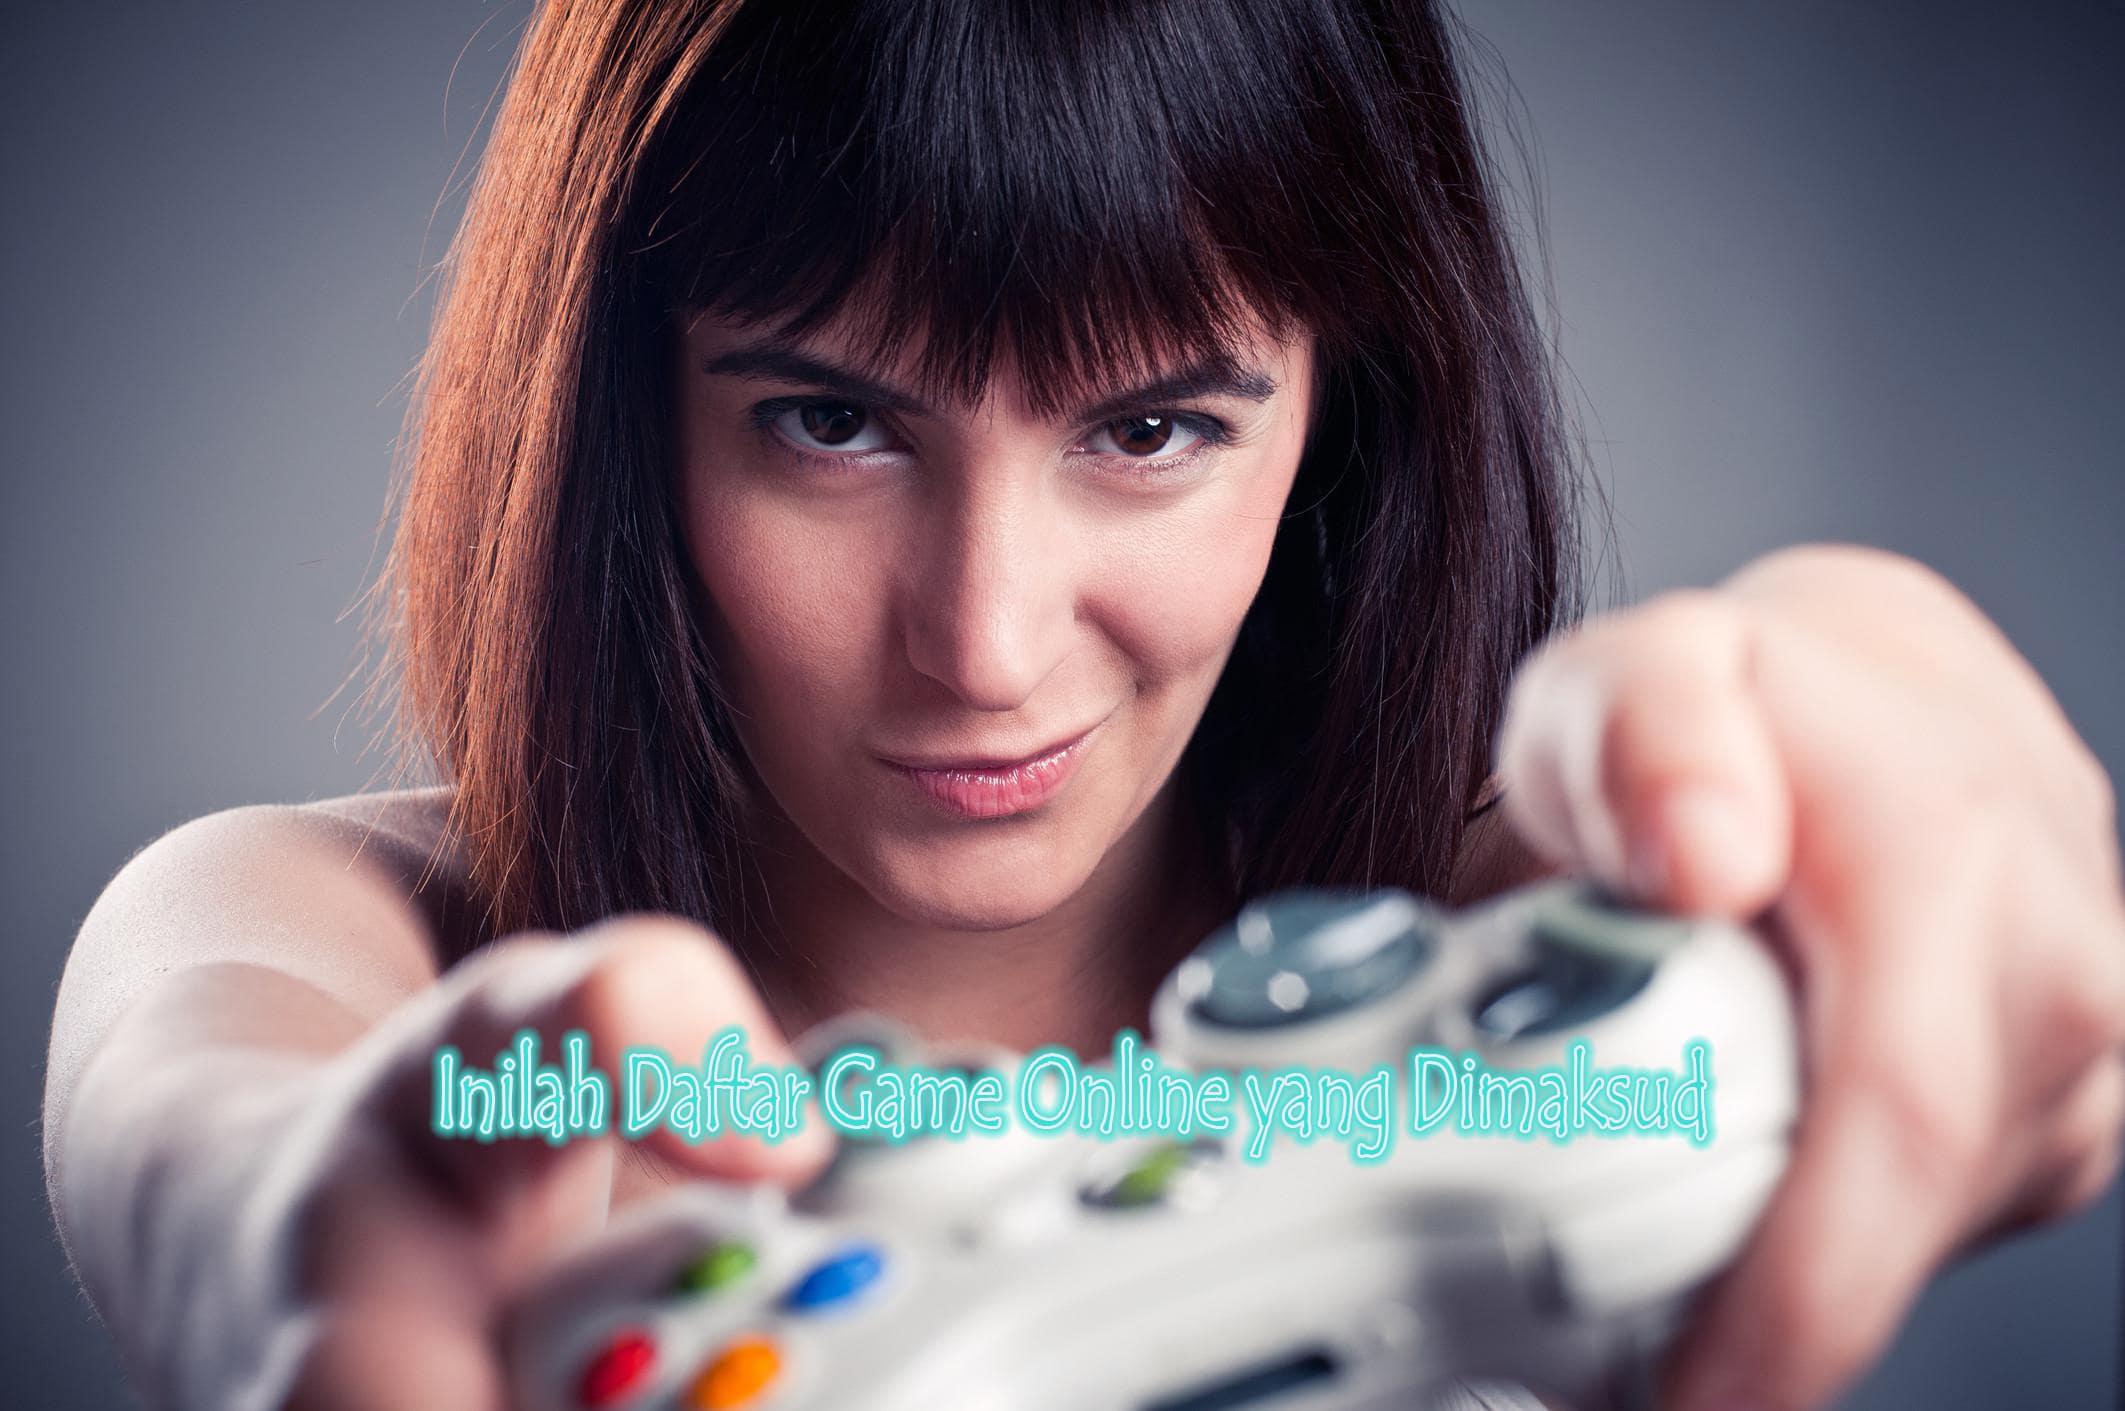 Inilah Daftar Game Online yang Dimaksud